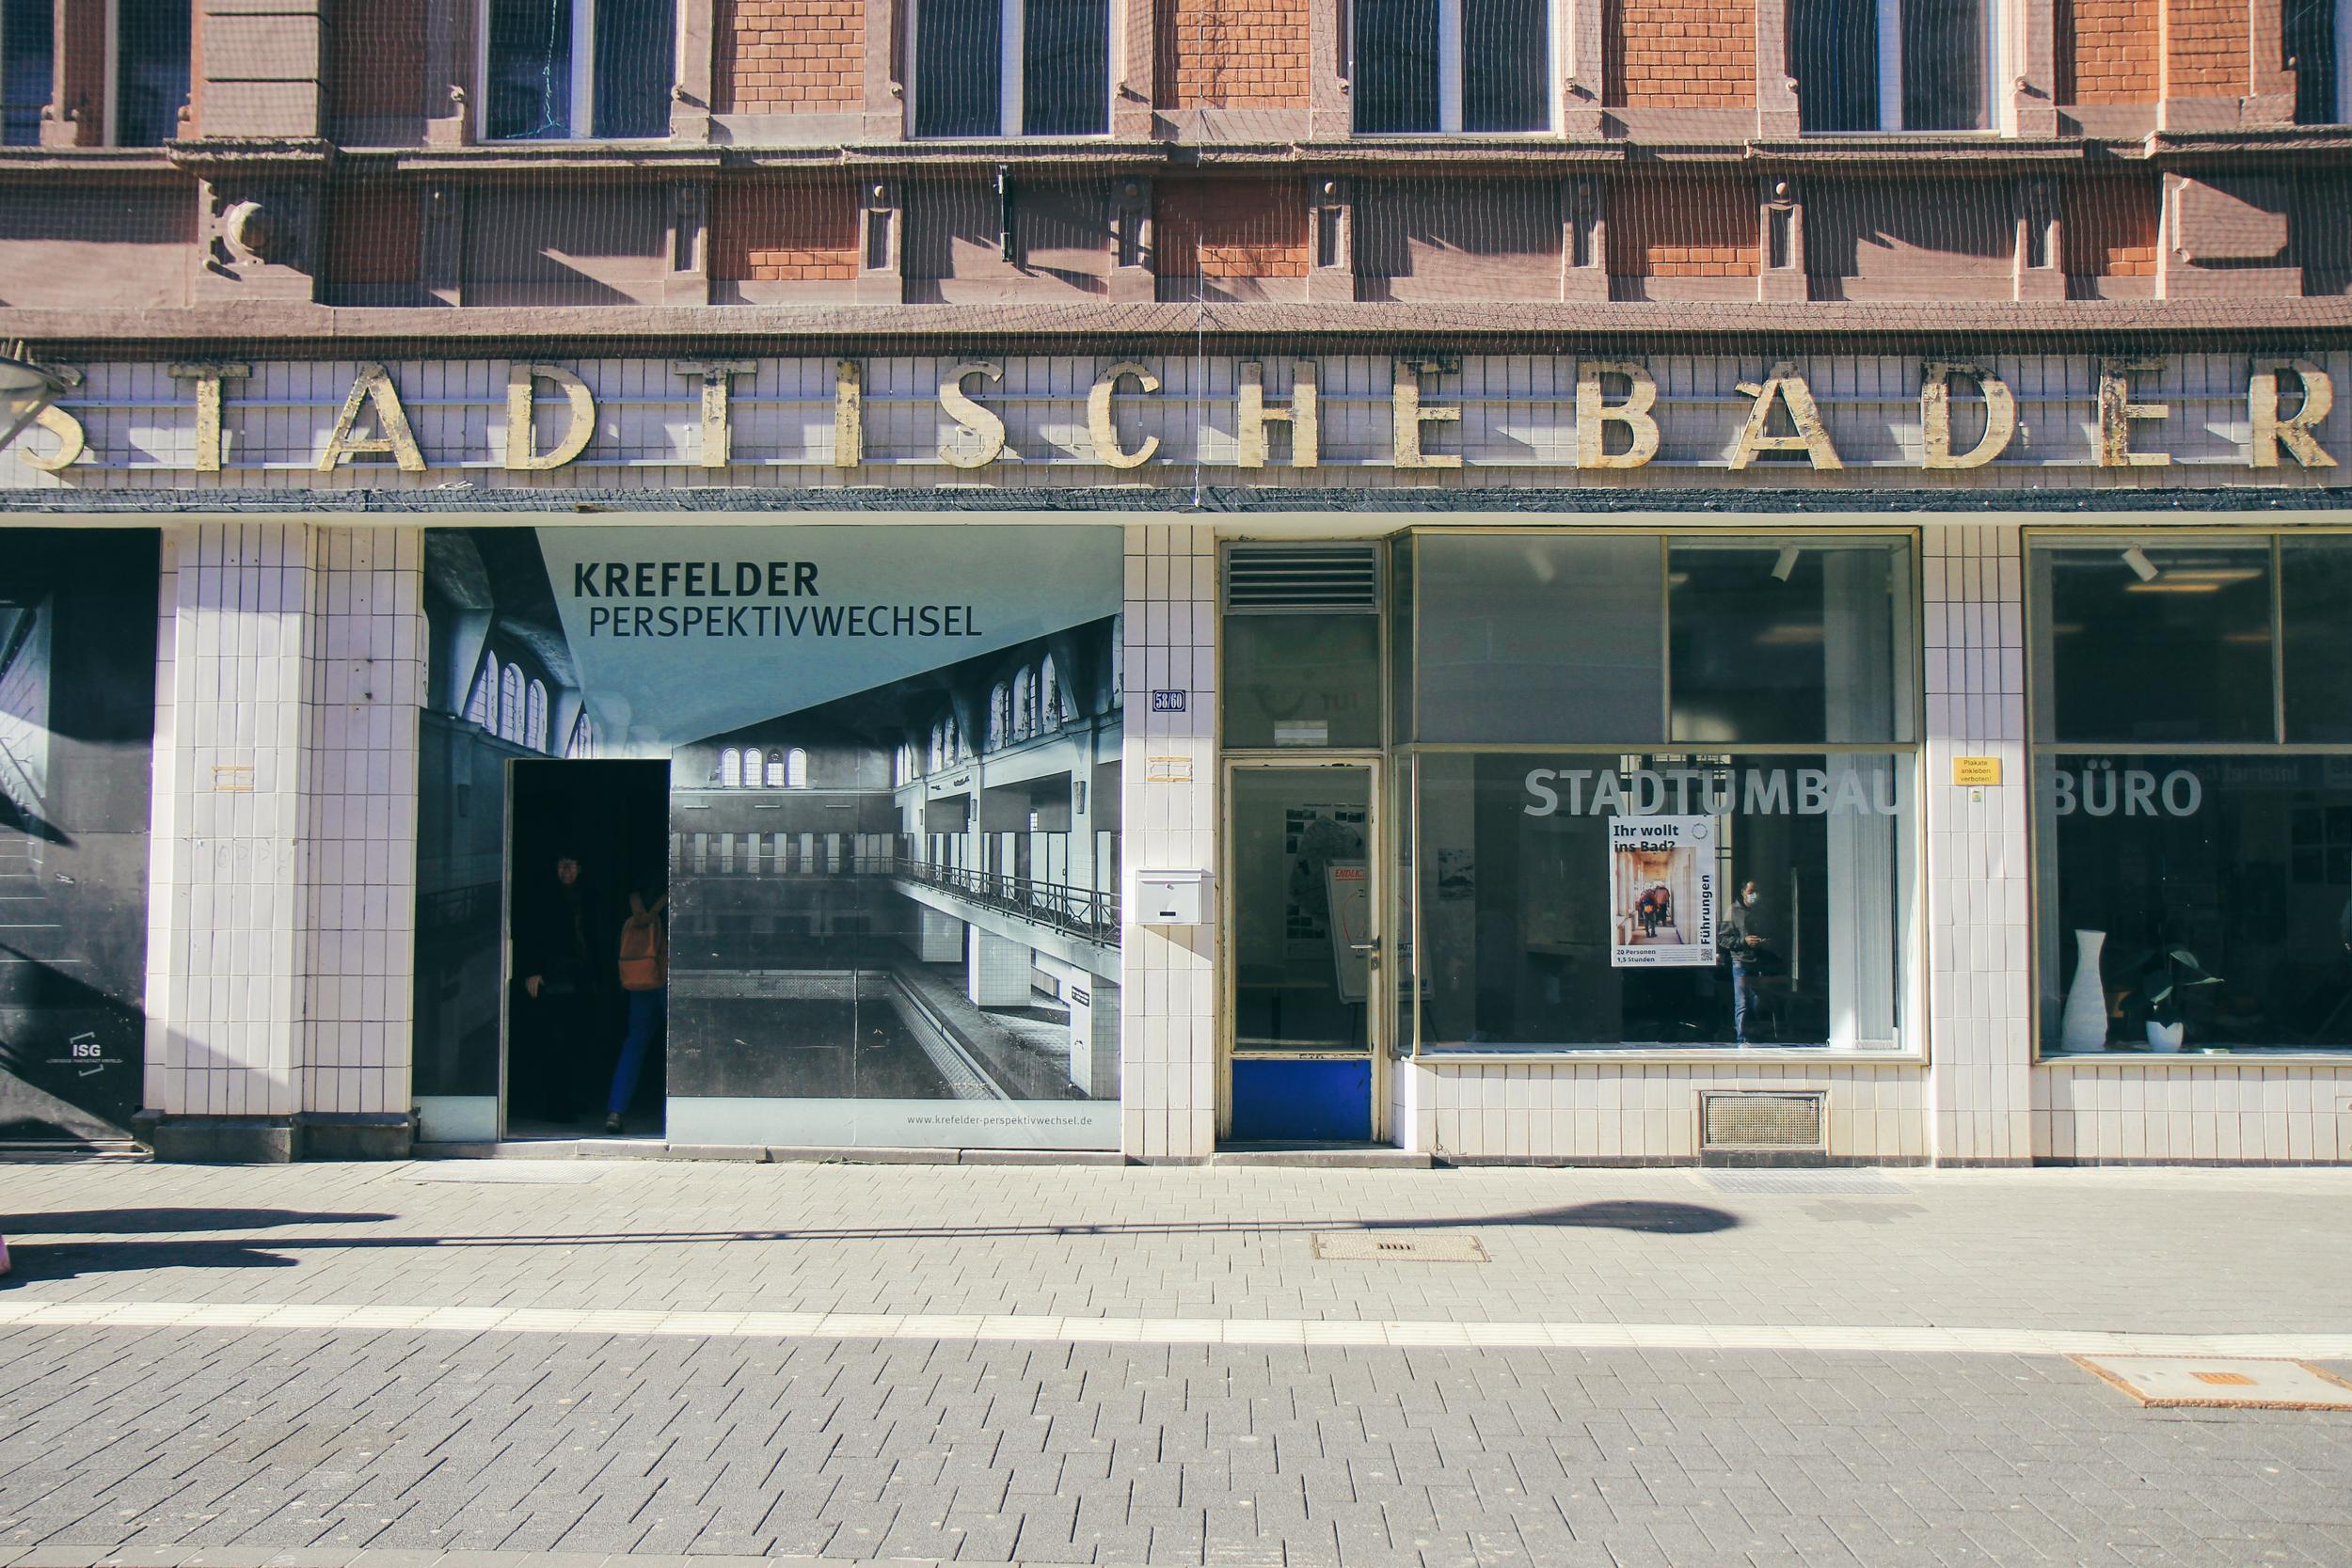 Außenansicht der Fassade des Stadtbad Krefeld.